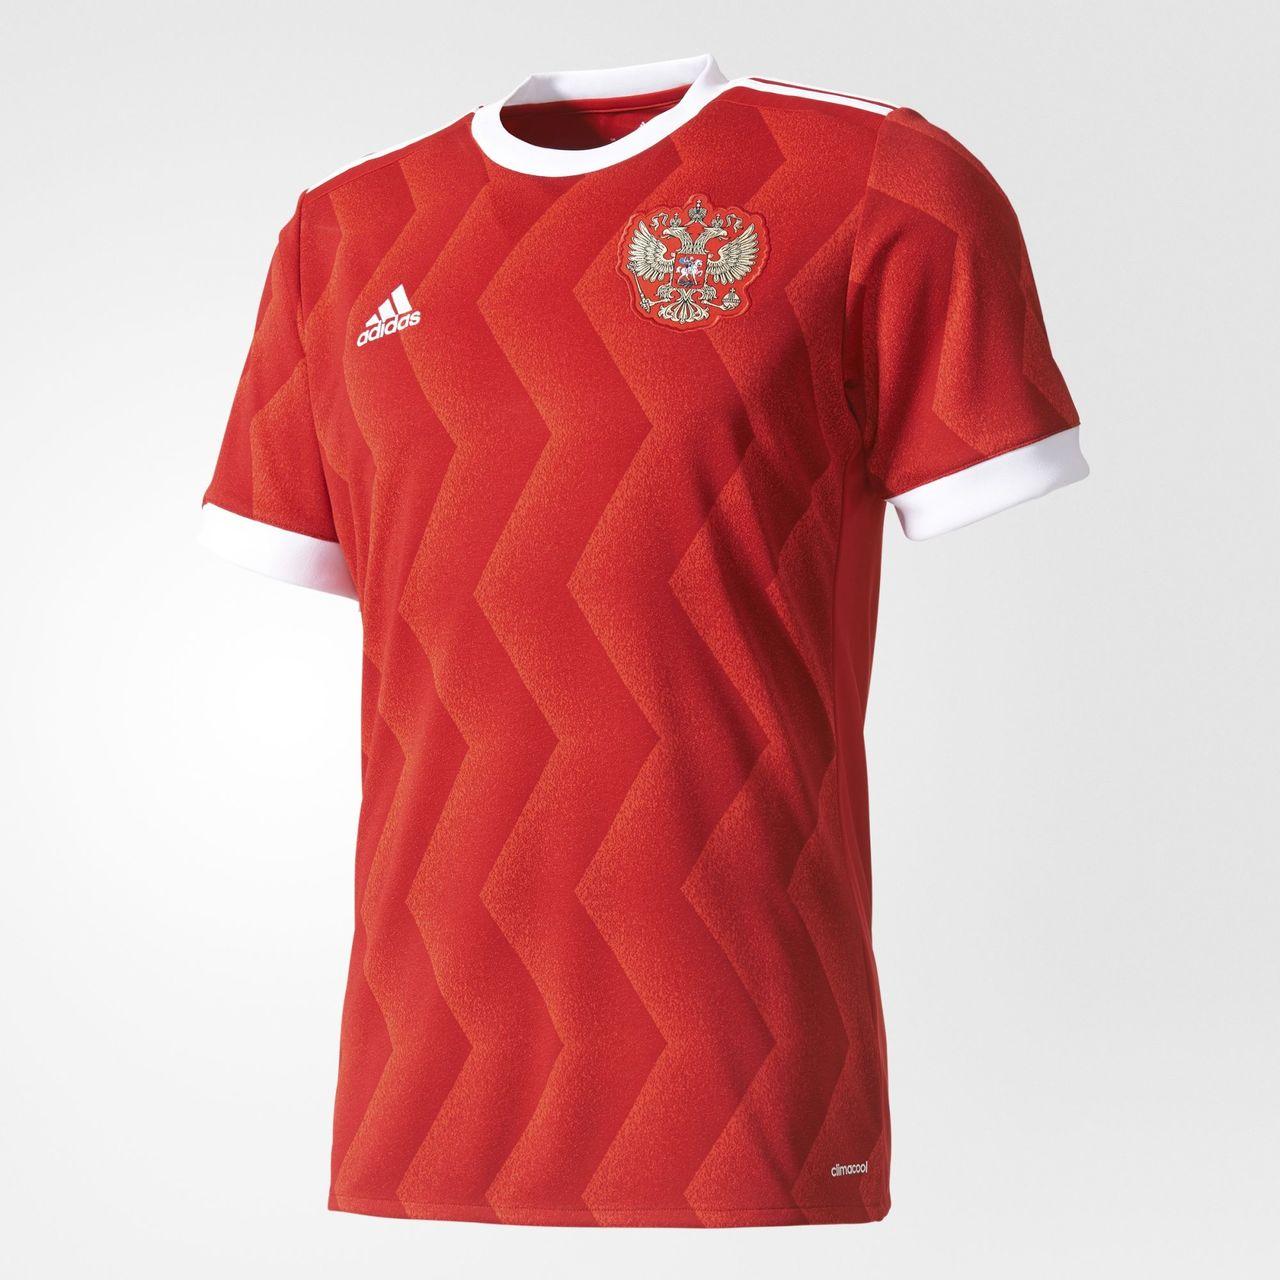 adidas 2017 kits